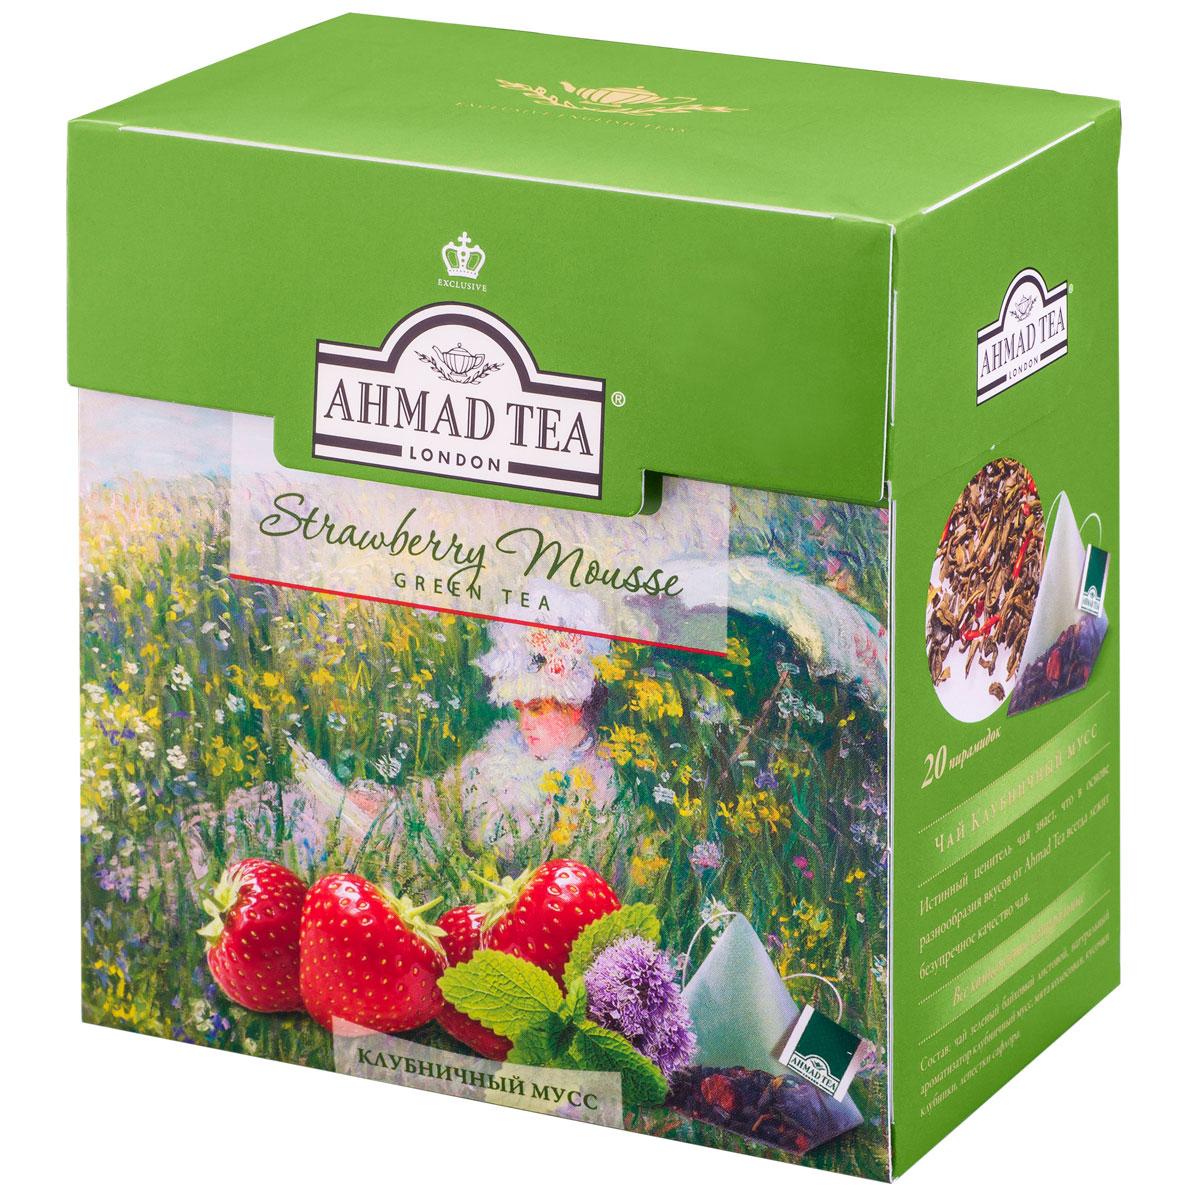 Ahmad Tea Strawberry Mousse зеленый чай в пирамидках, 20 шт майский корона российской империи черный чай в пирамидках 20 шт